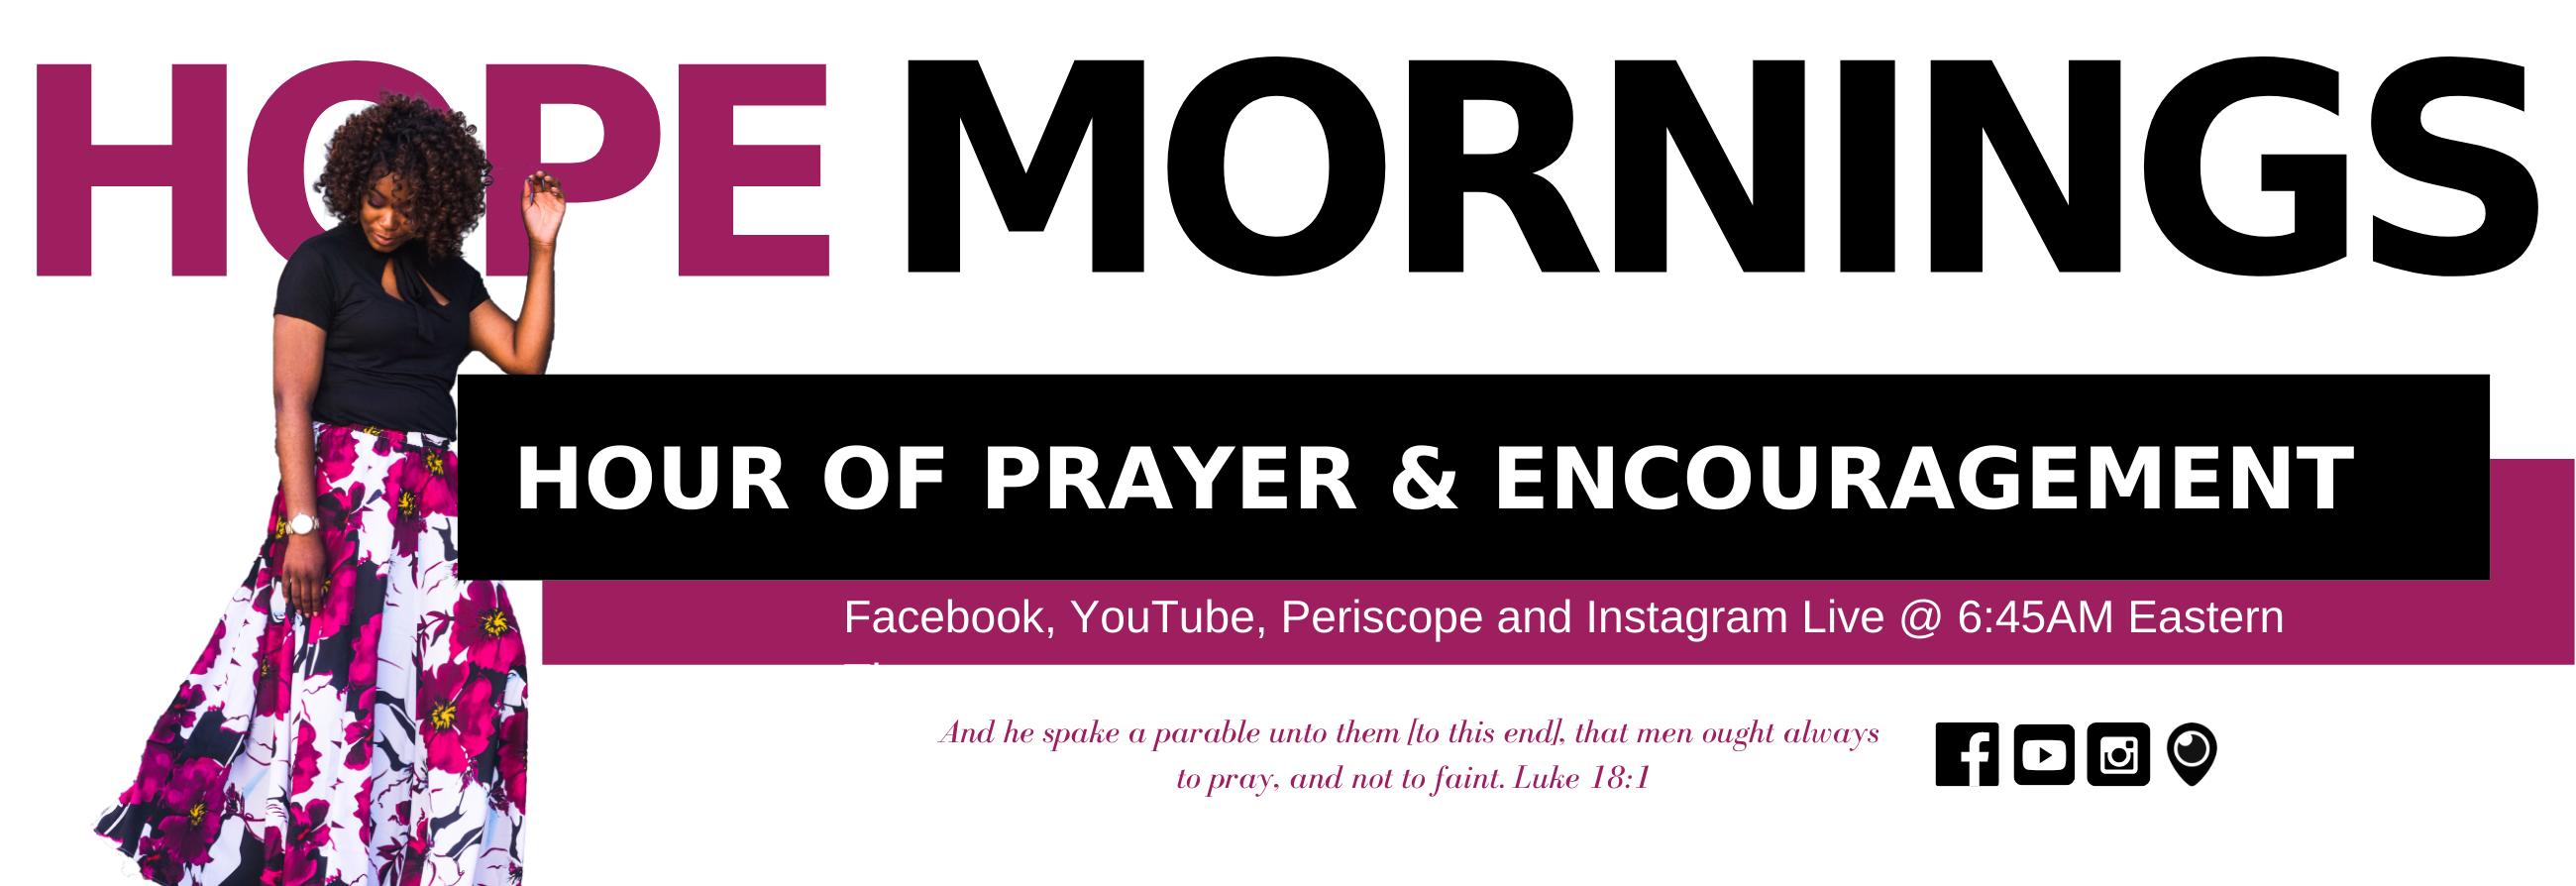 HOPE Mornings Prayer